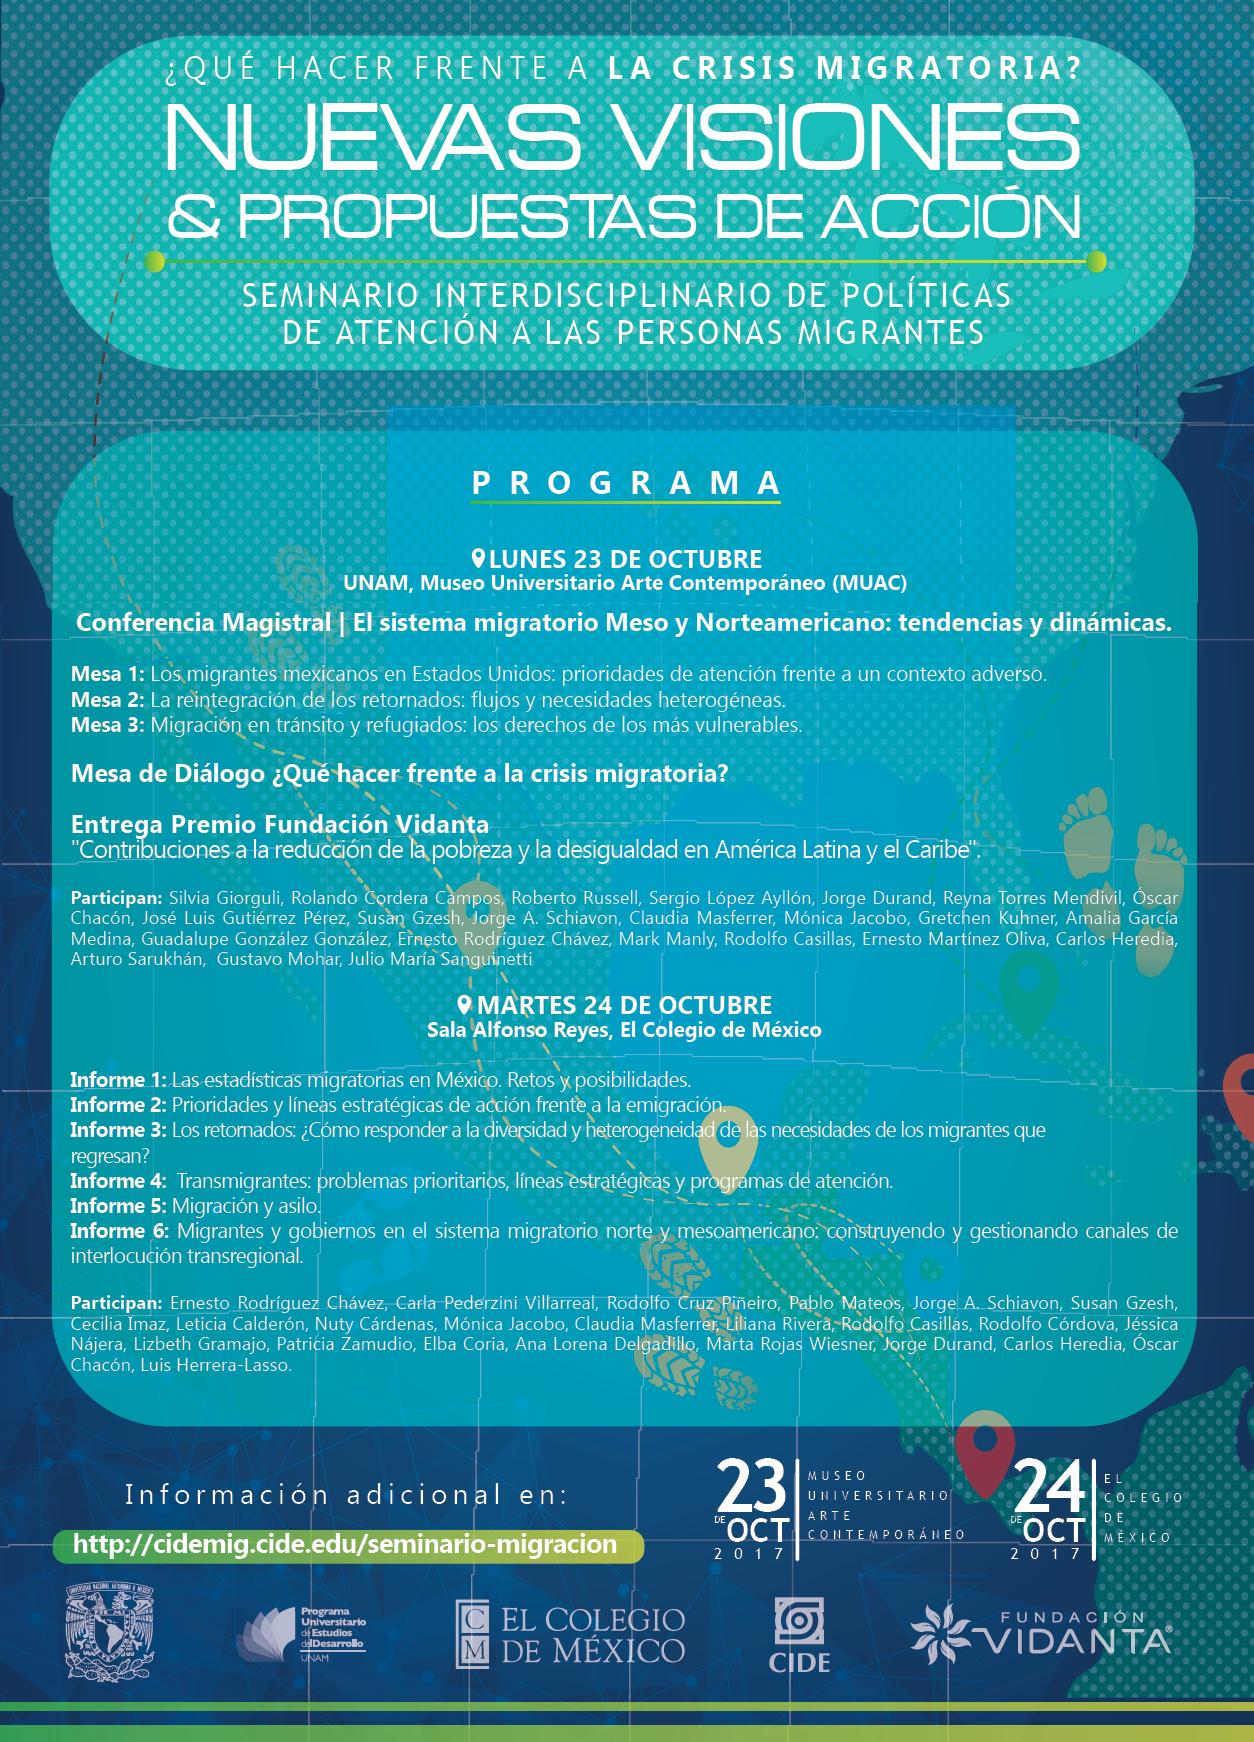 Seminario Interdisciplinario de Políticas de Atención a las Personas Migrantes